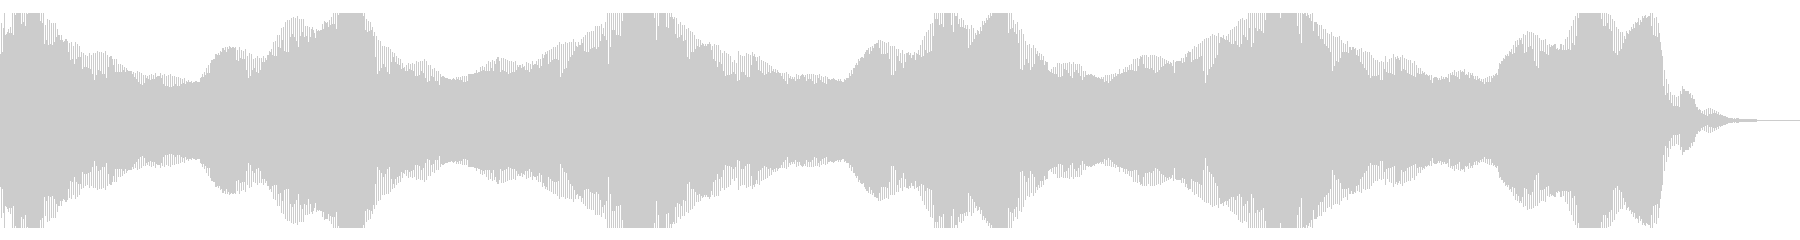 ヘビースペースベースシンセドローンの未再生の波形